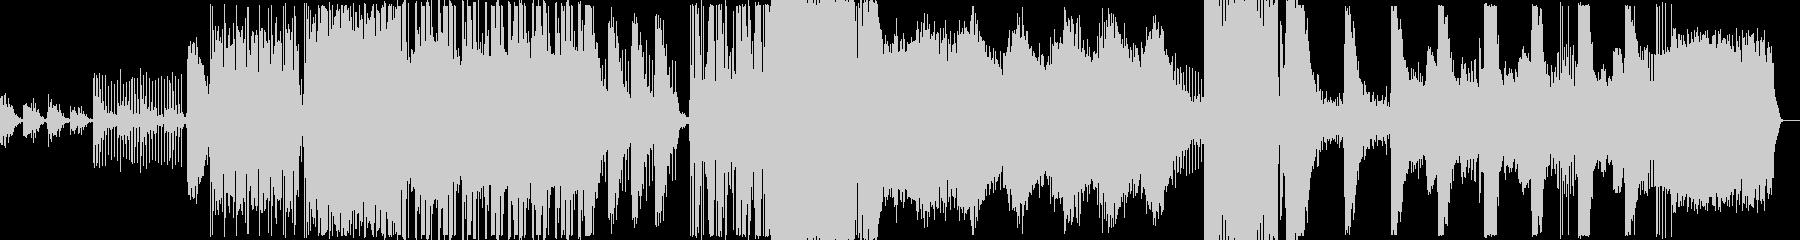 暗いエレクトロの未再生の波形